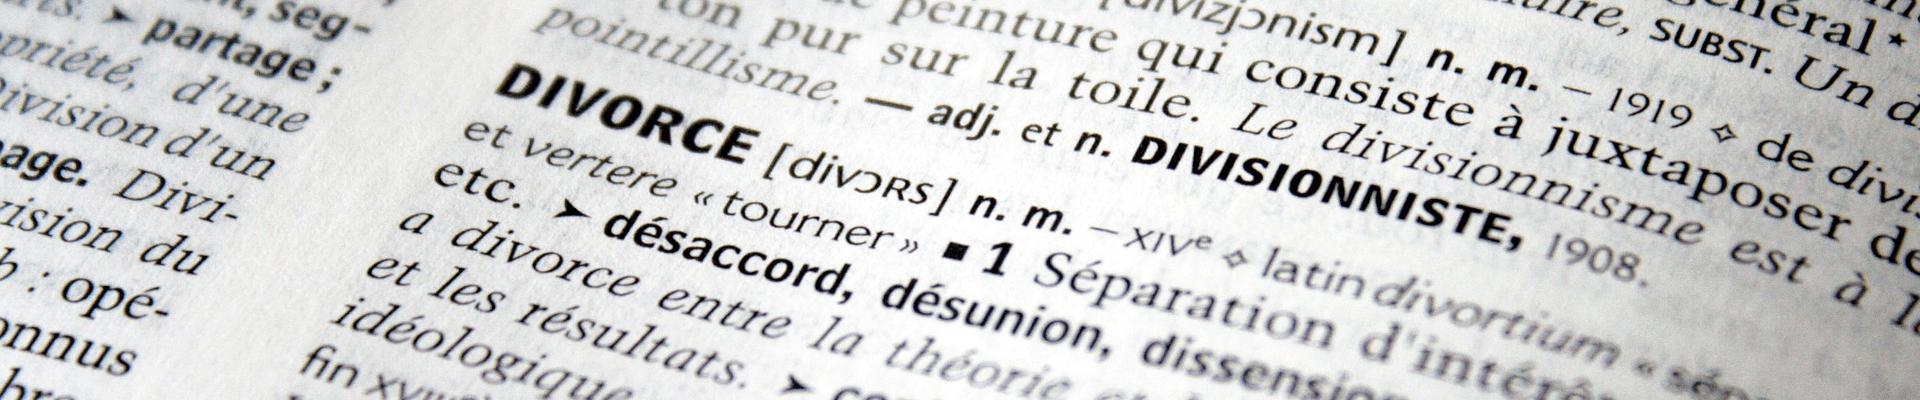 Studio Legale Lo Giudice | Riforma dell'assgno divorzile